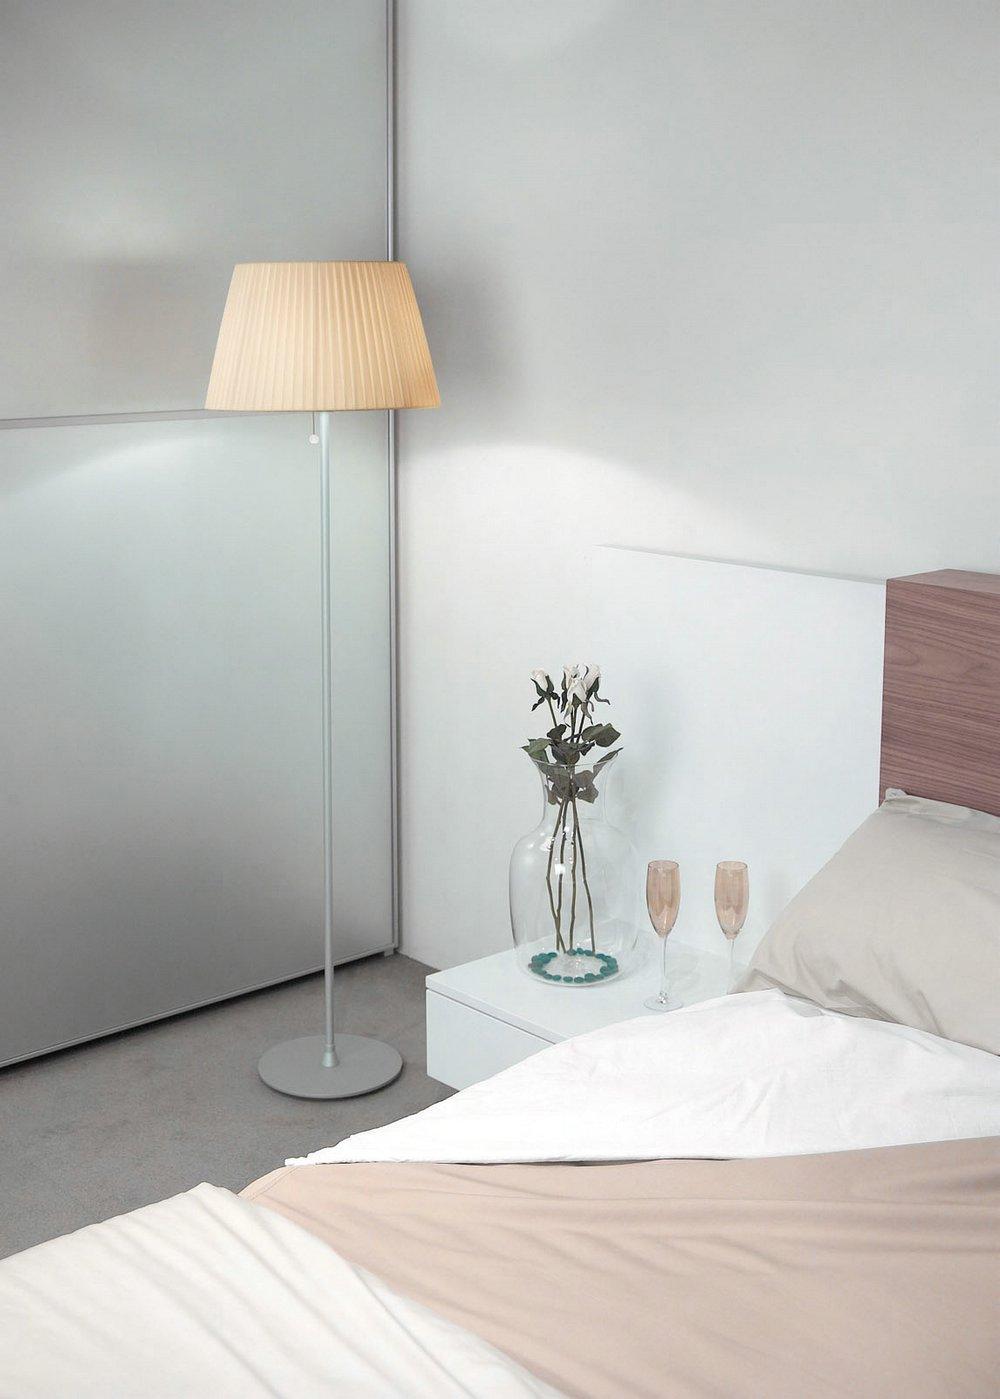 Tusscana 60 lámpara de Pie Aluminio mate/wengue ø45cm Cinta seda beige